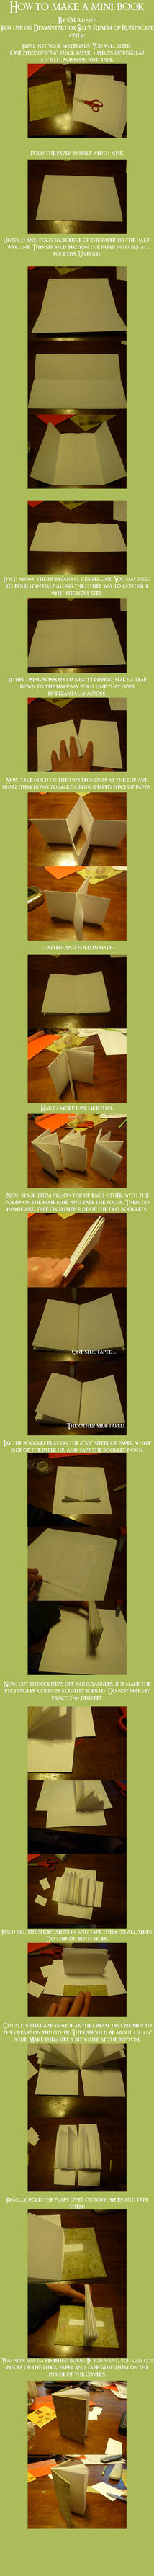 How to make a Mini Book